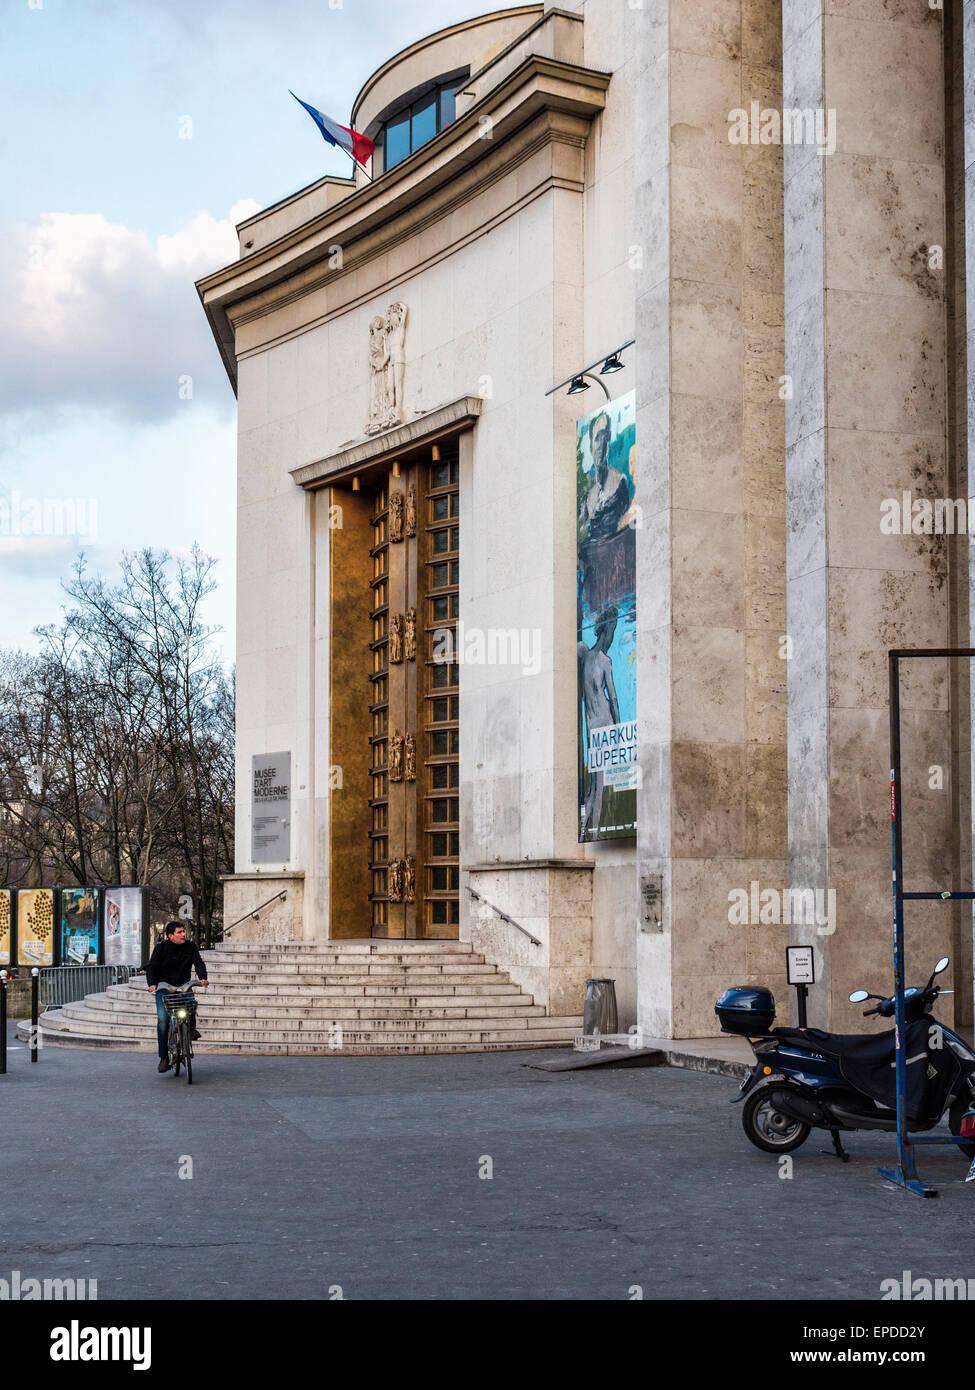 Expositions au Musée d'art moderne de la ville de Paris